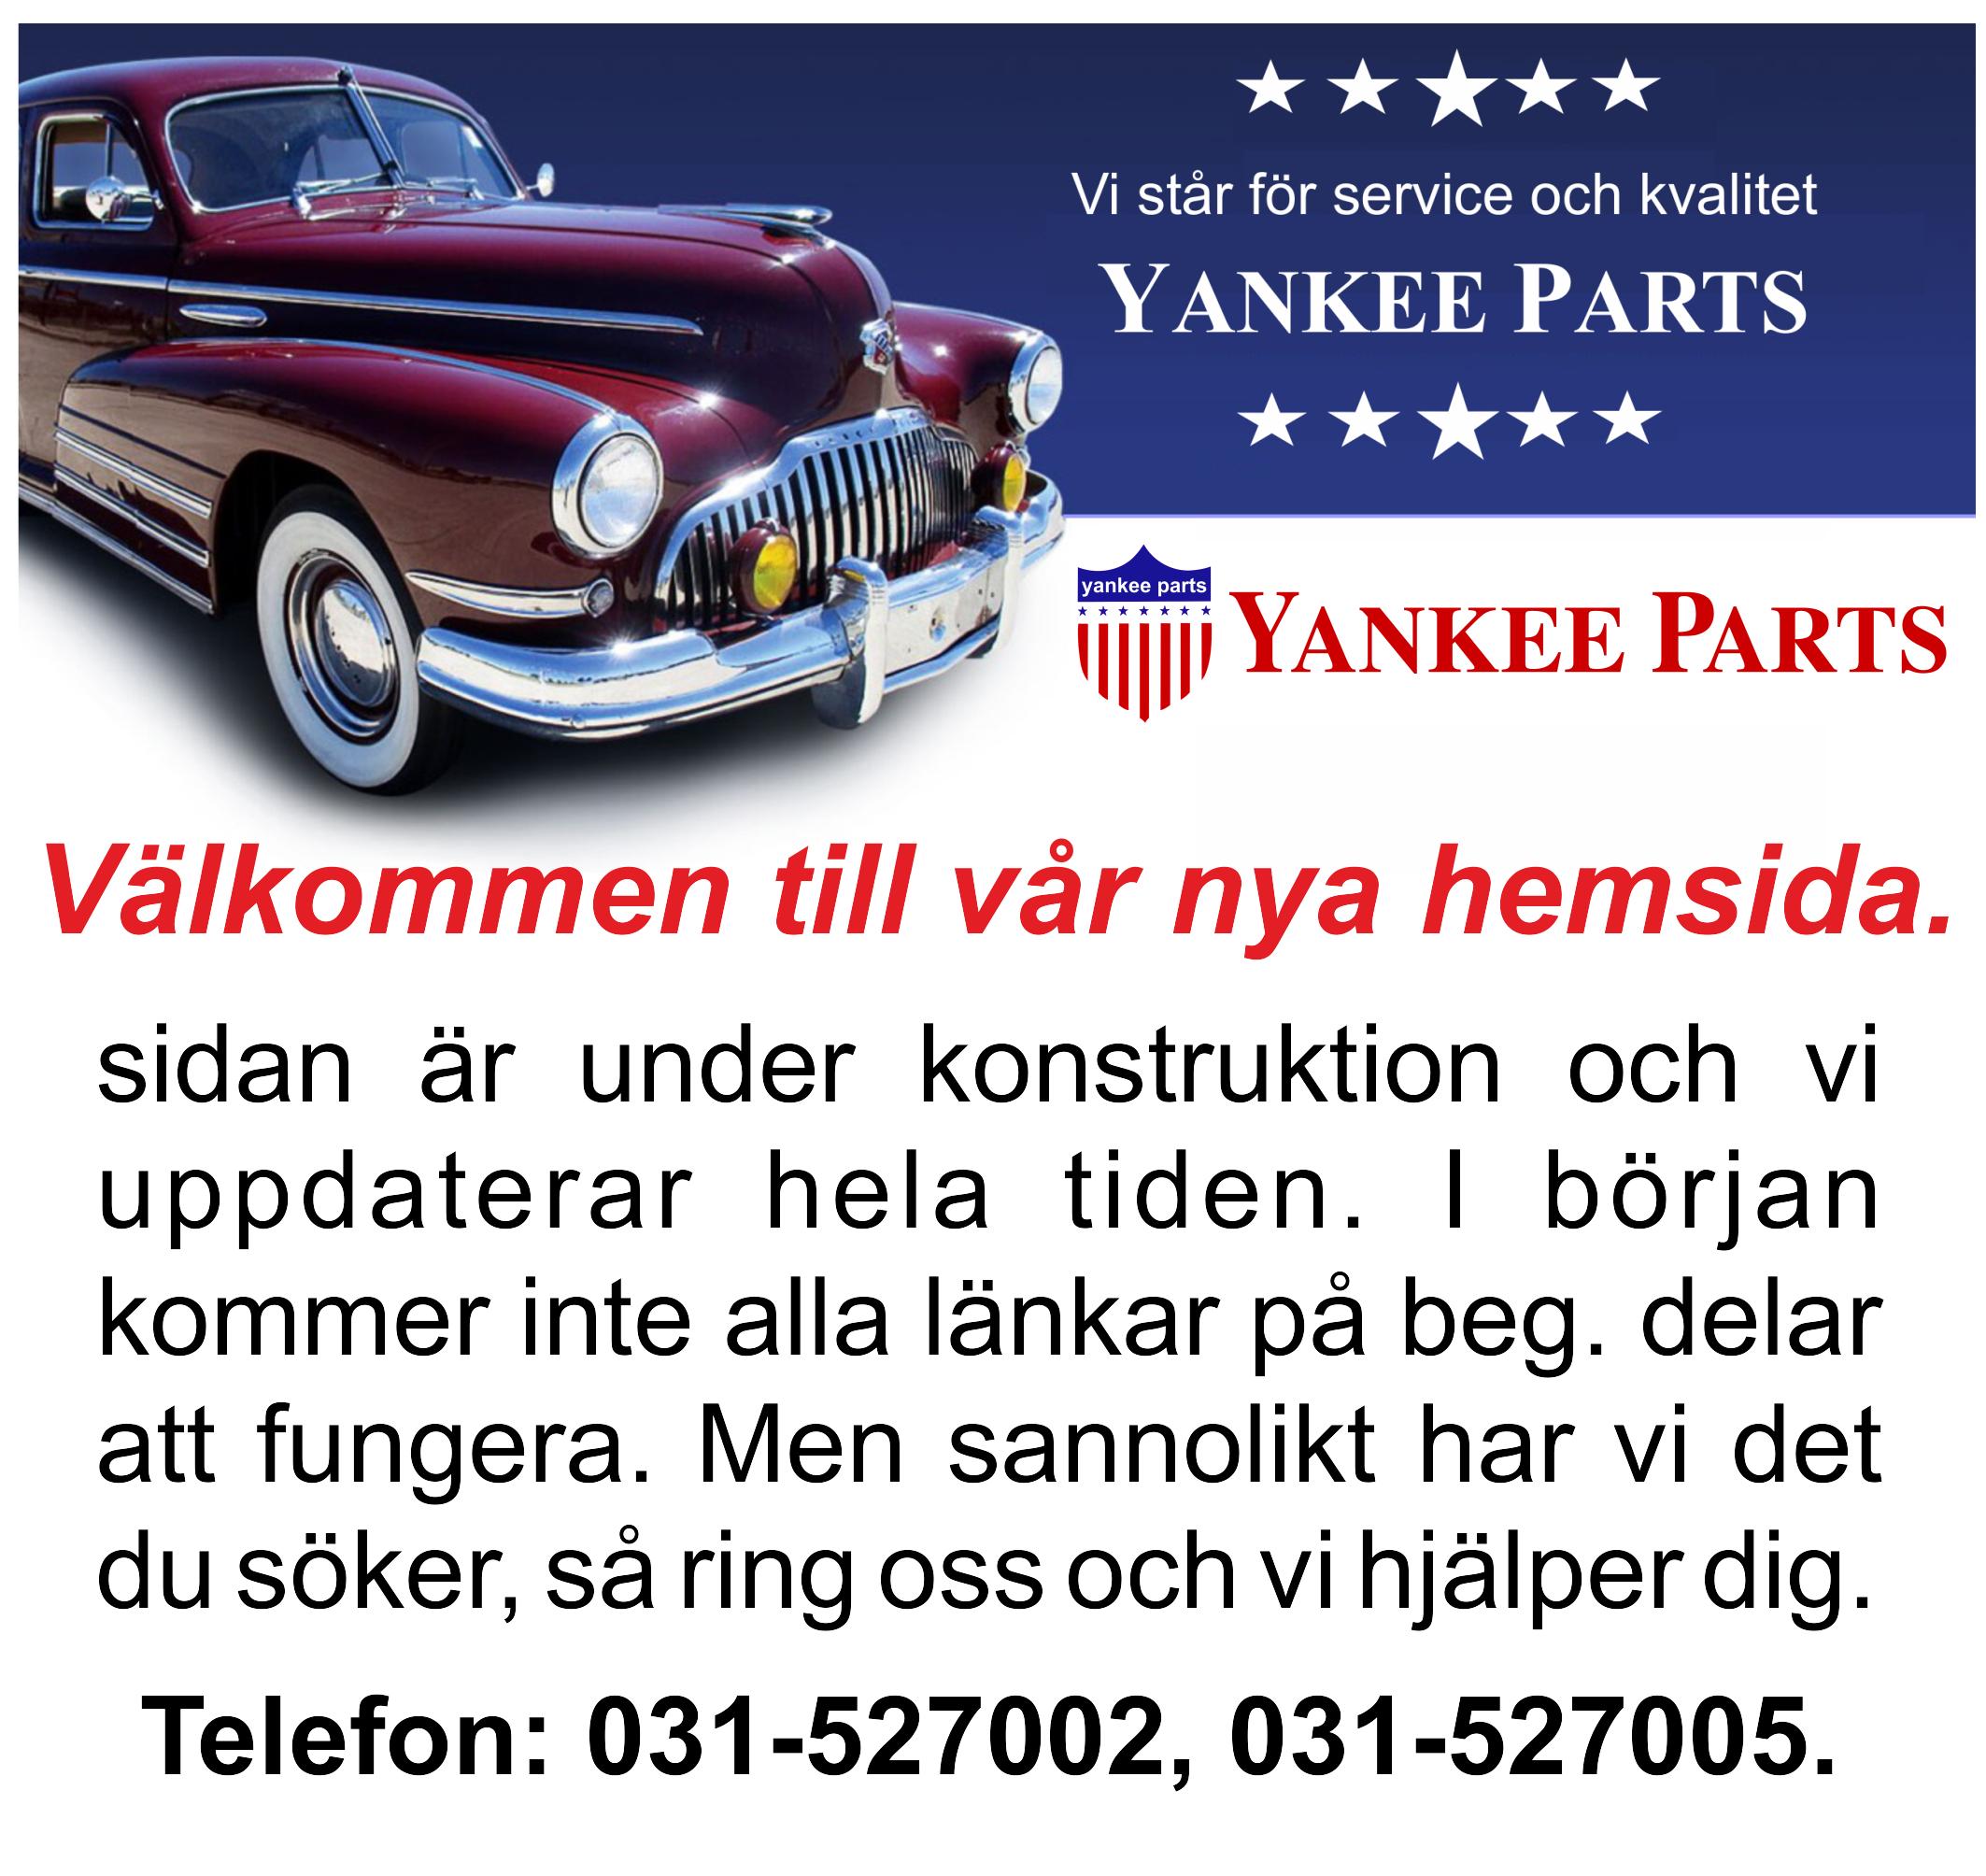 yankee parts göteborg